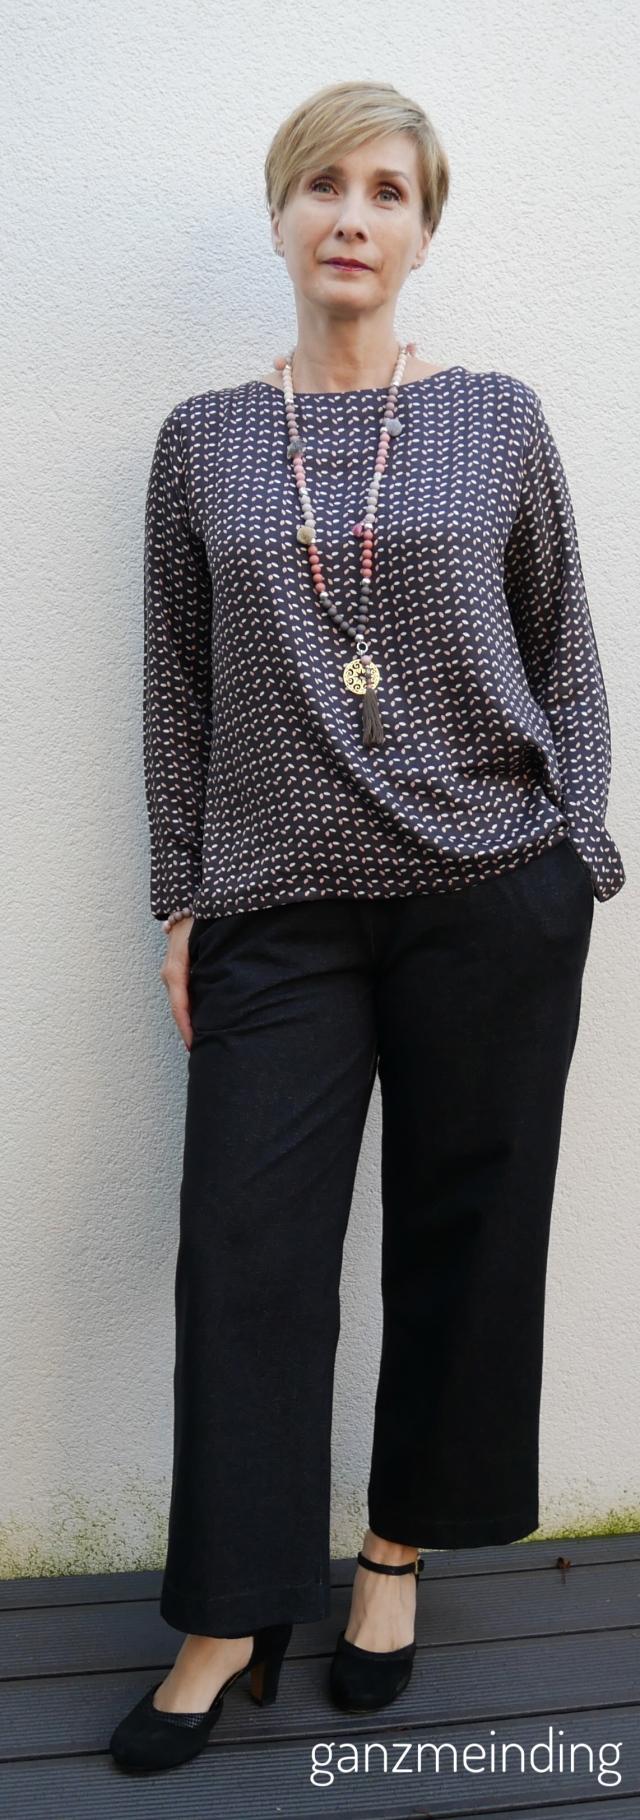 Weite Hose und Frau Yoko, die Komplizin, fritzi schnittreif, genäht von ganzmeinding 01